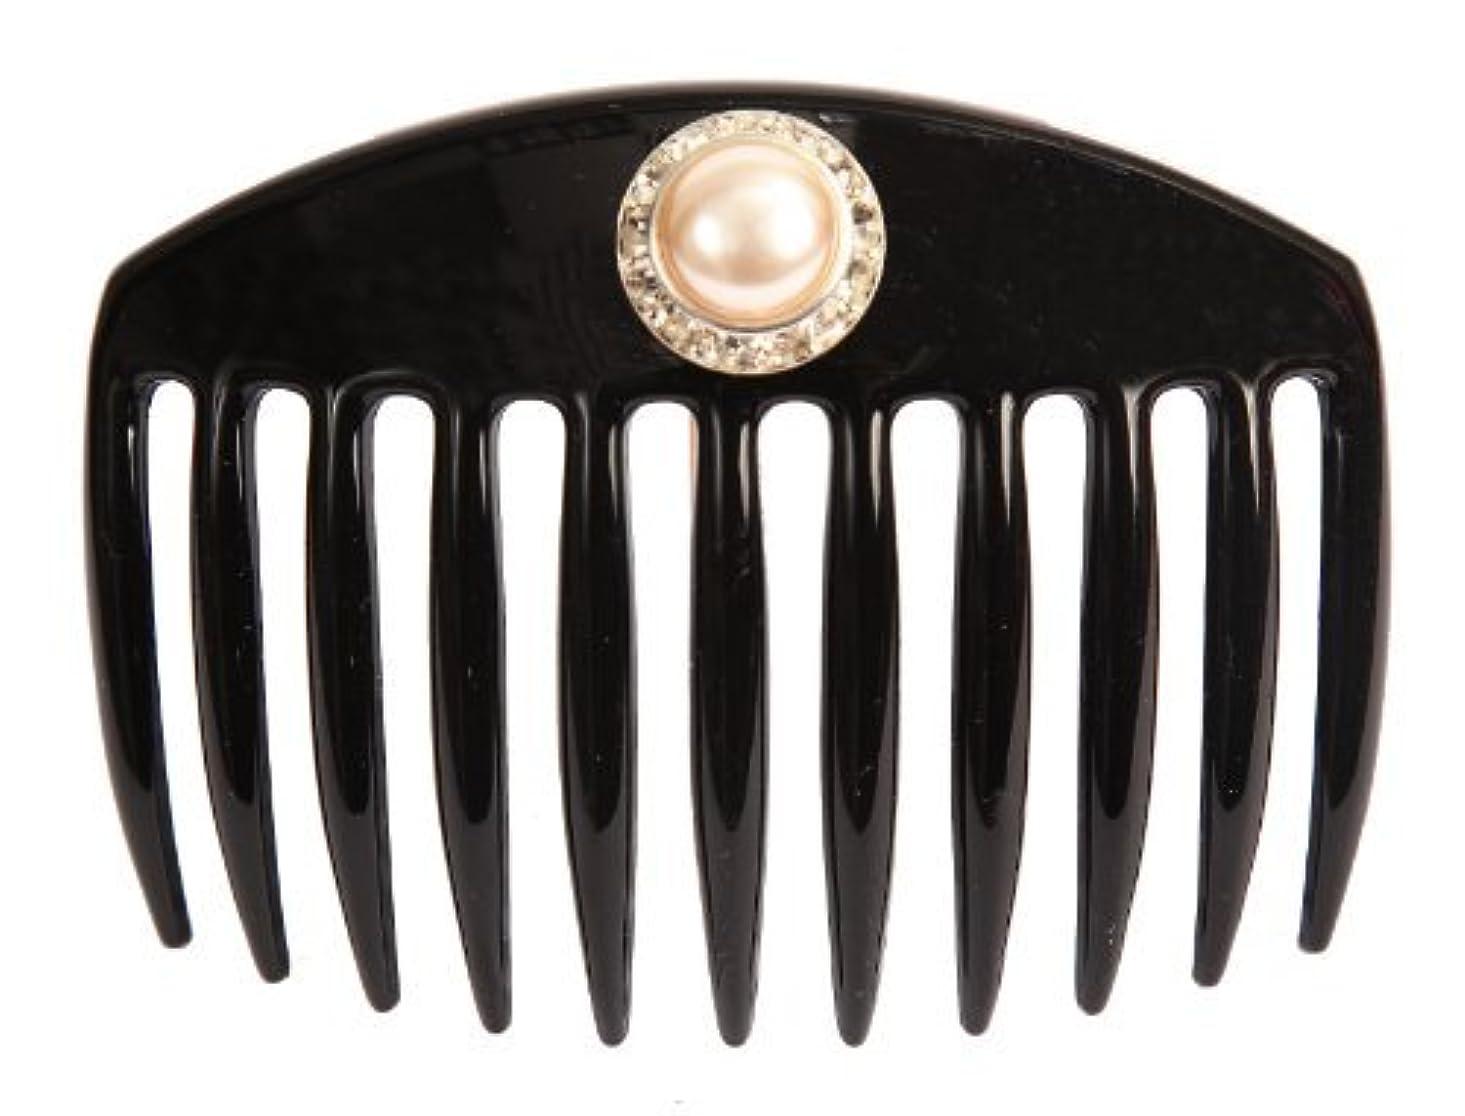 収縮廊下シロクマCaravan Hand Decorated French Comb with Large Pearl and Swarovski Stones In Silver Setting, Black.65 Ounce [並行輸入品]